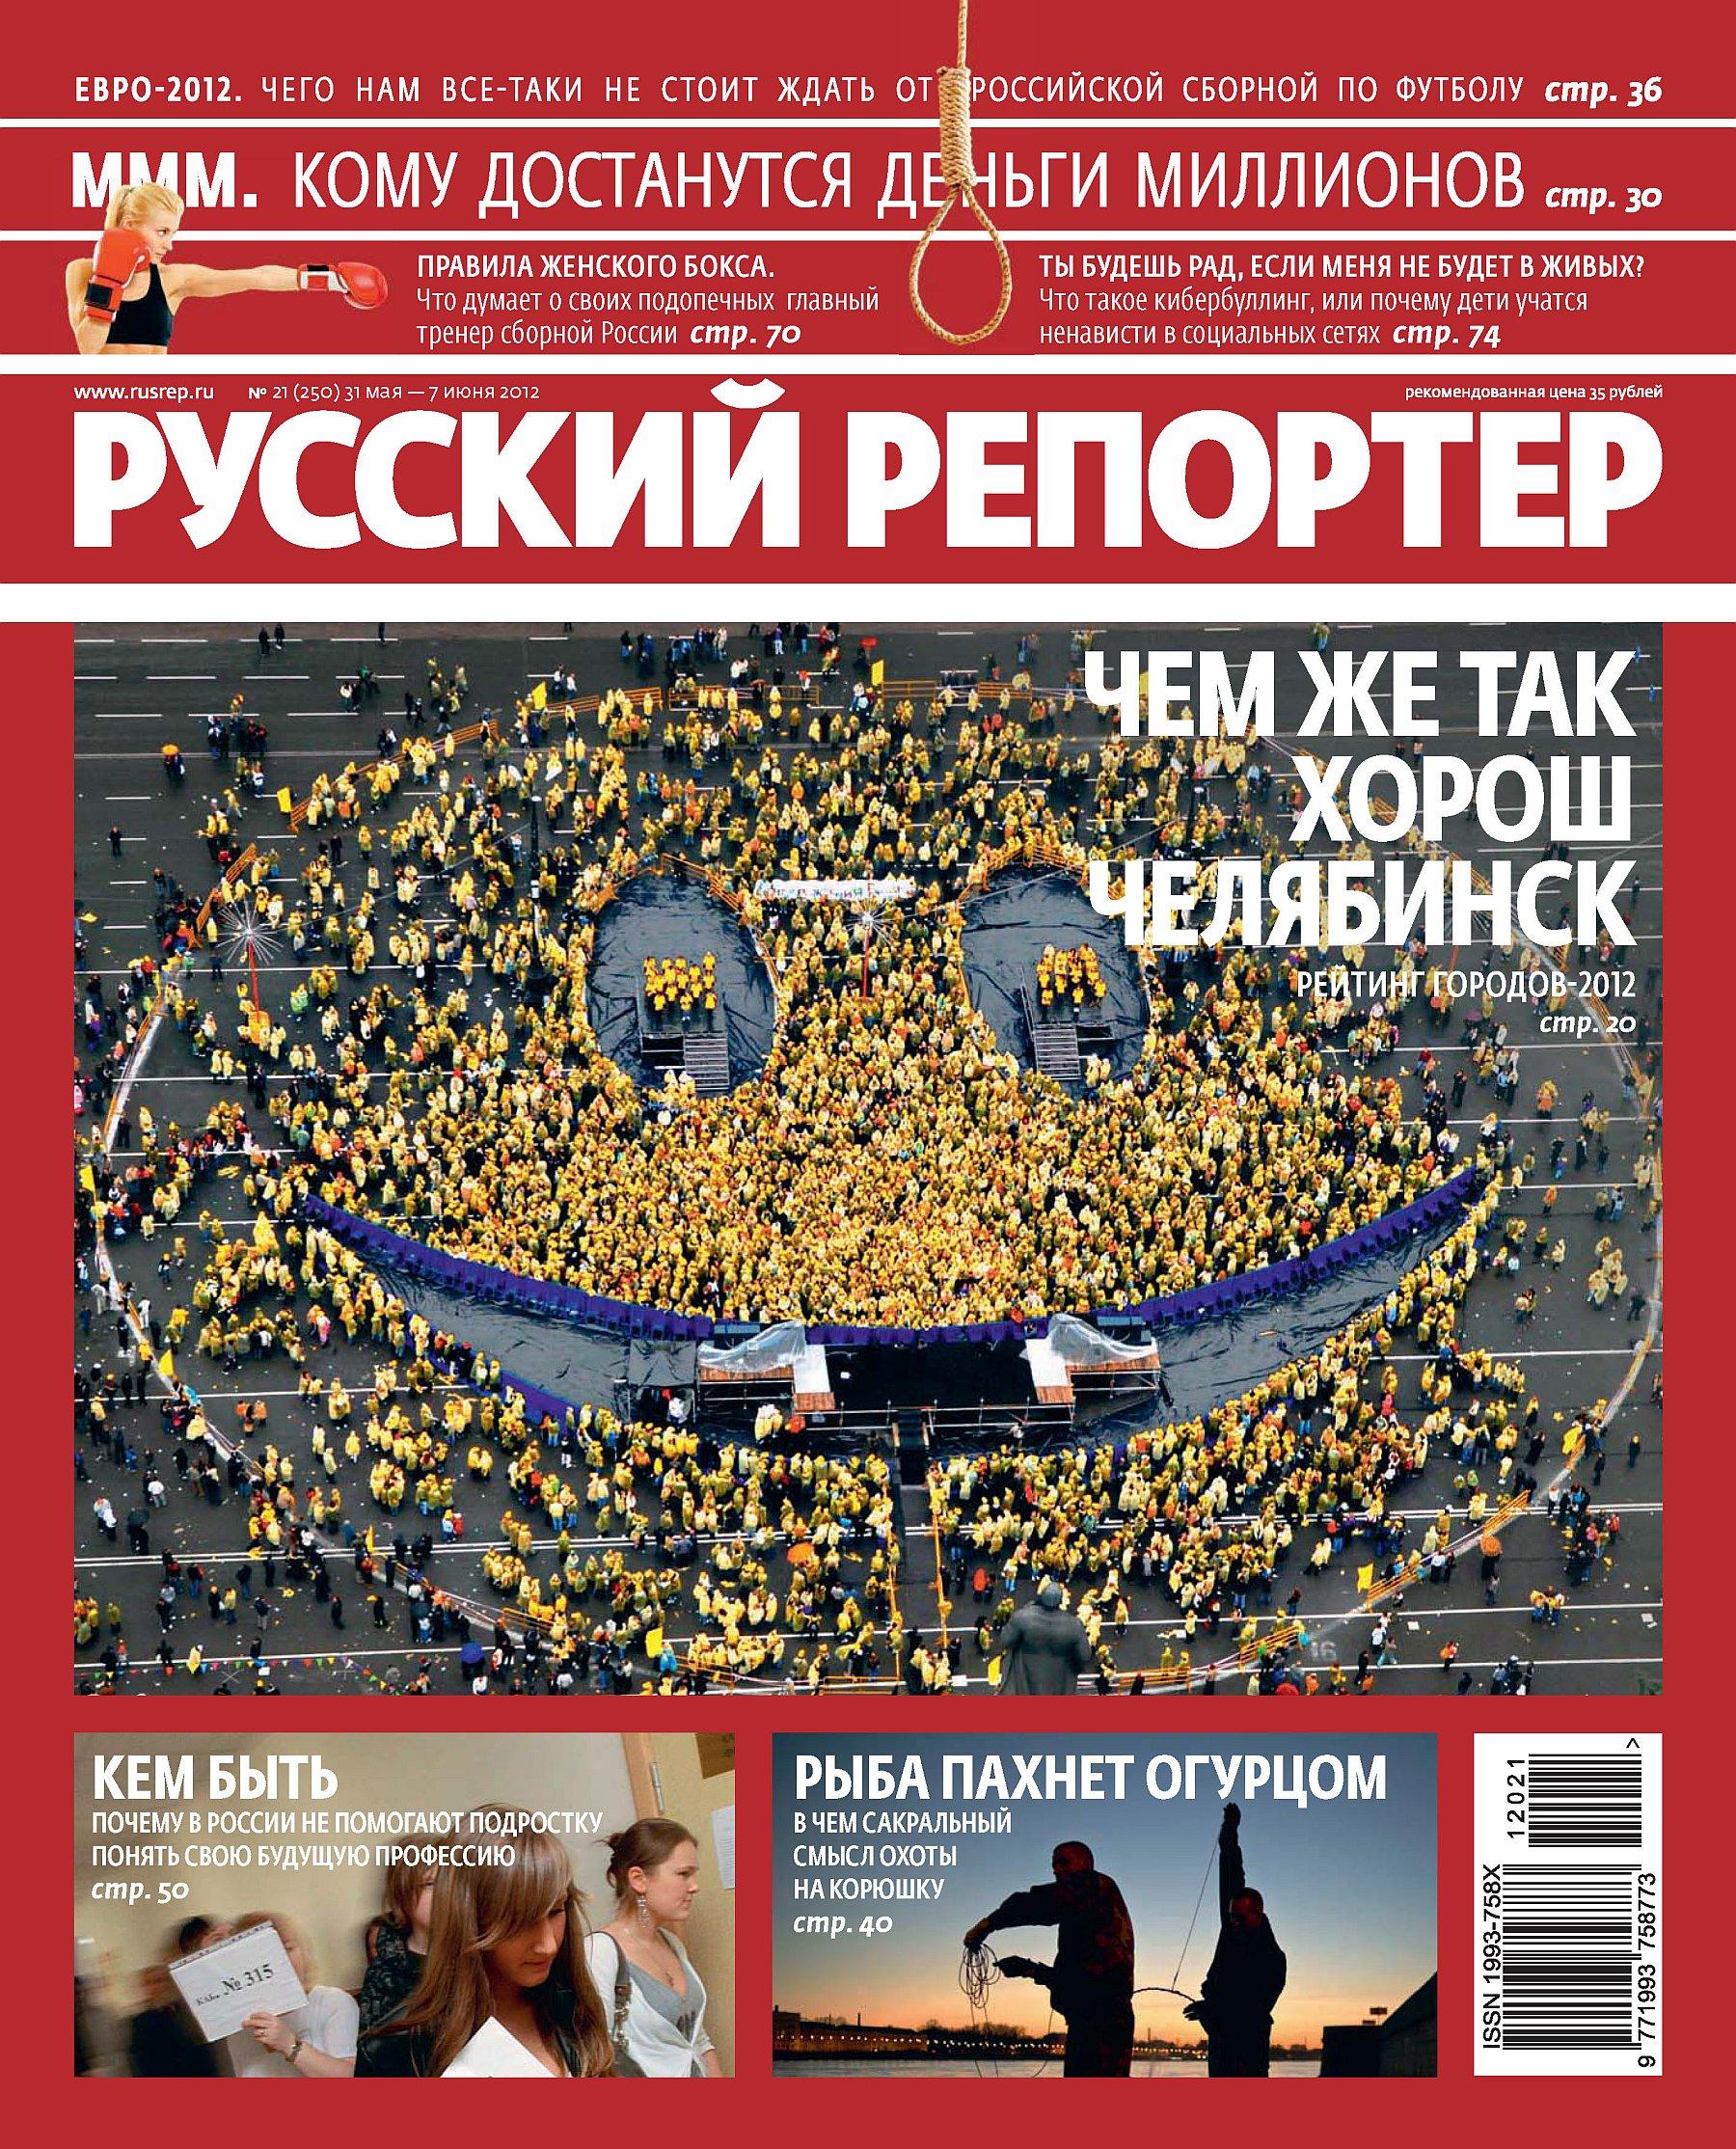 Фото - Отсутствует Русский Репортер №21/2012 отсутствует русский репортер 15 2012